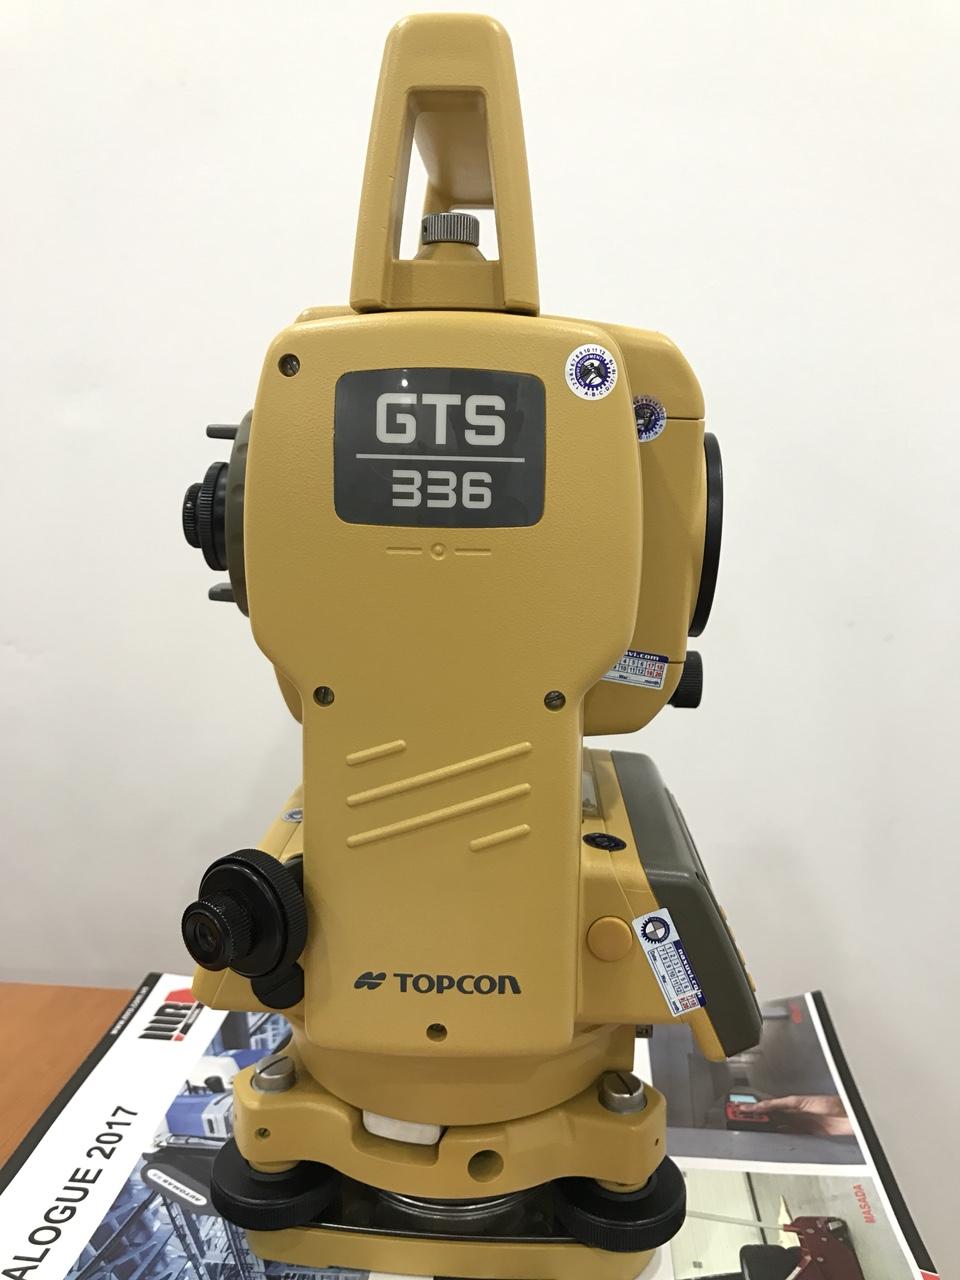 Máy toàn đạc cũ Topcon GTS 336